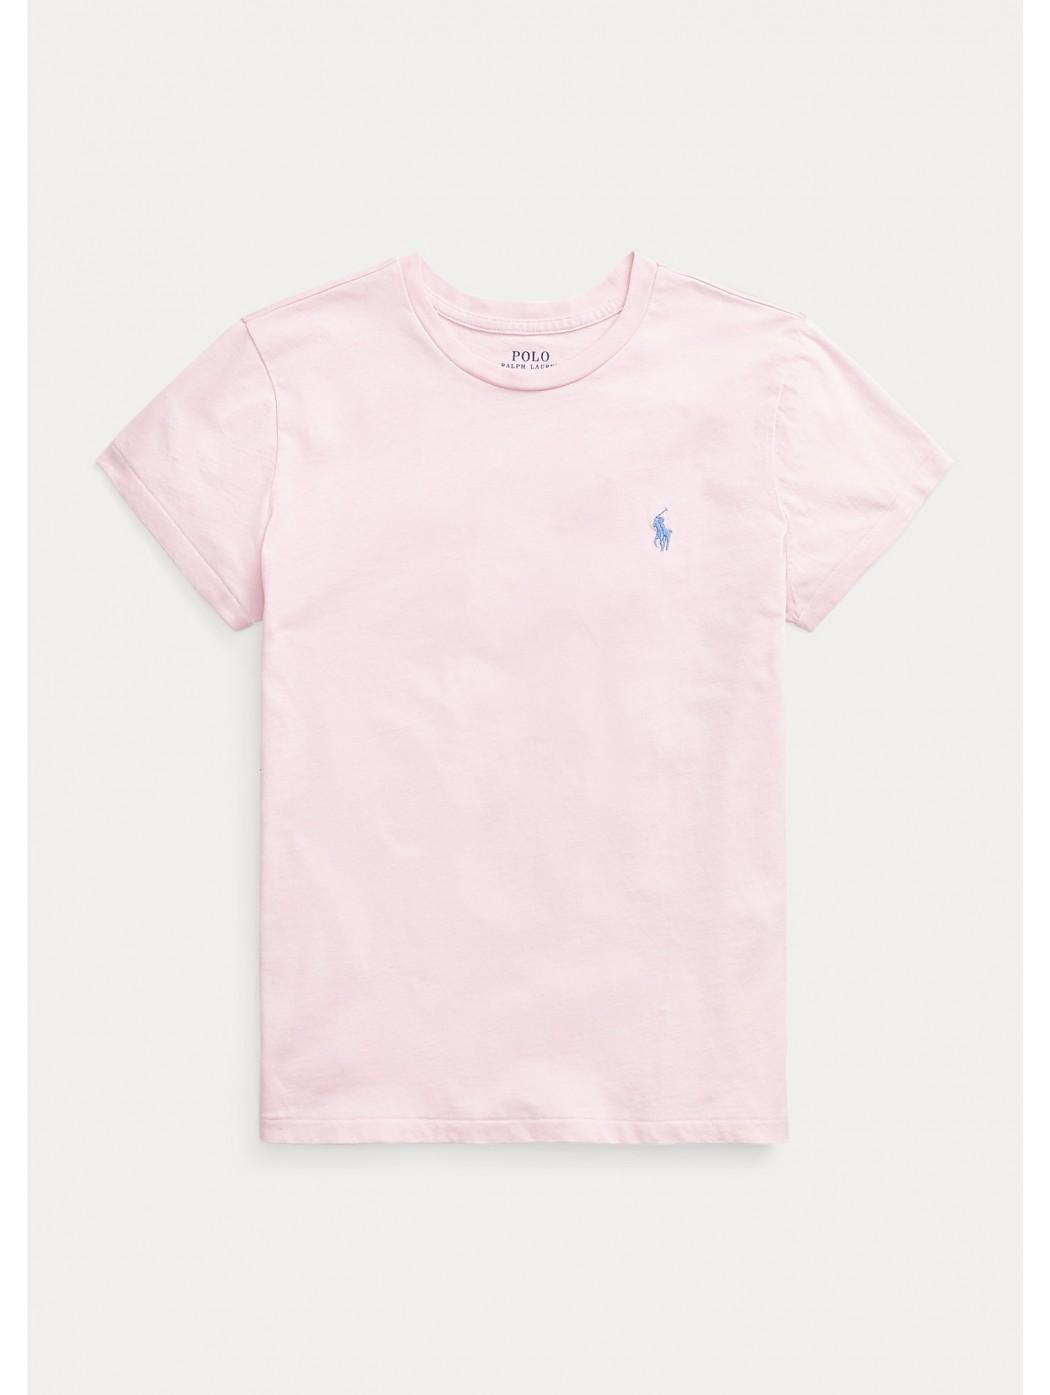 Maglietta a girocollo in jersey di cotone POLO RALPH LAUREN DONNA 211734144 033